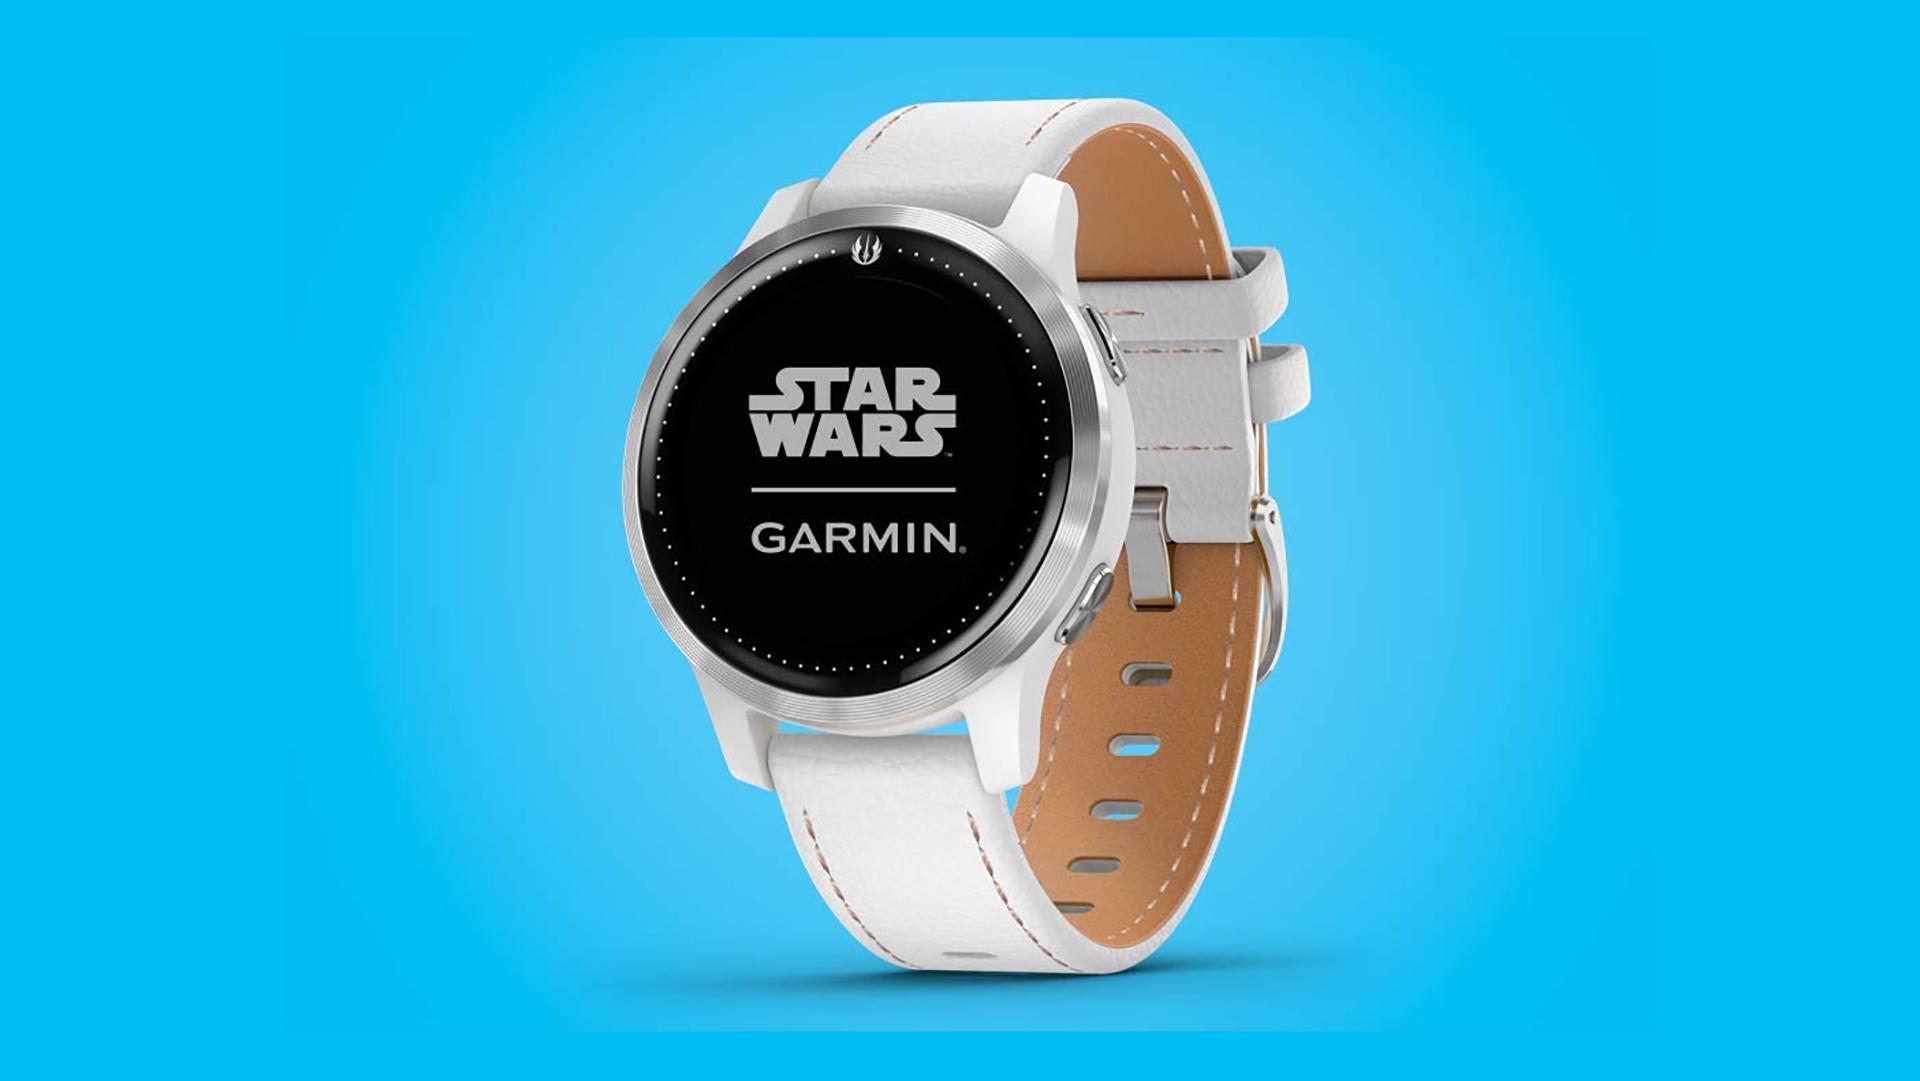 Garmin Star Wars Smartwatches Deal 2020 Rey